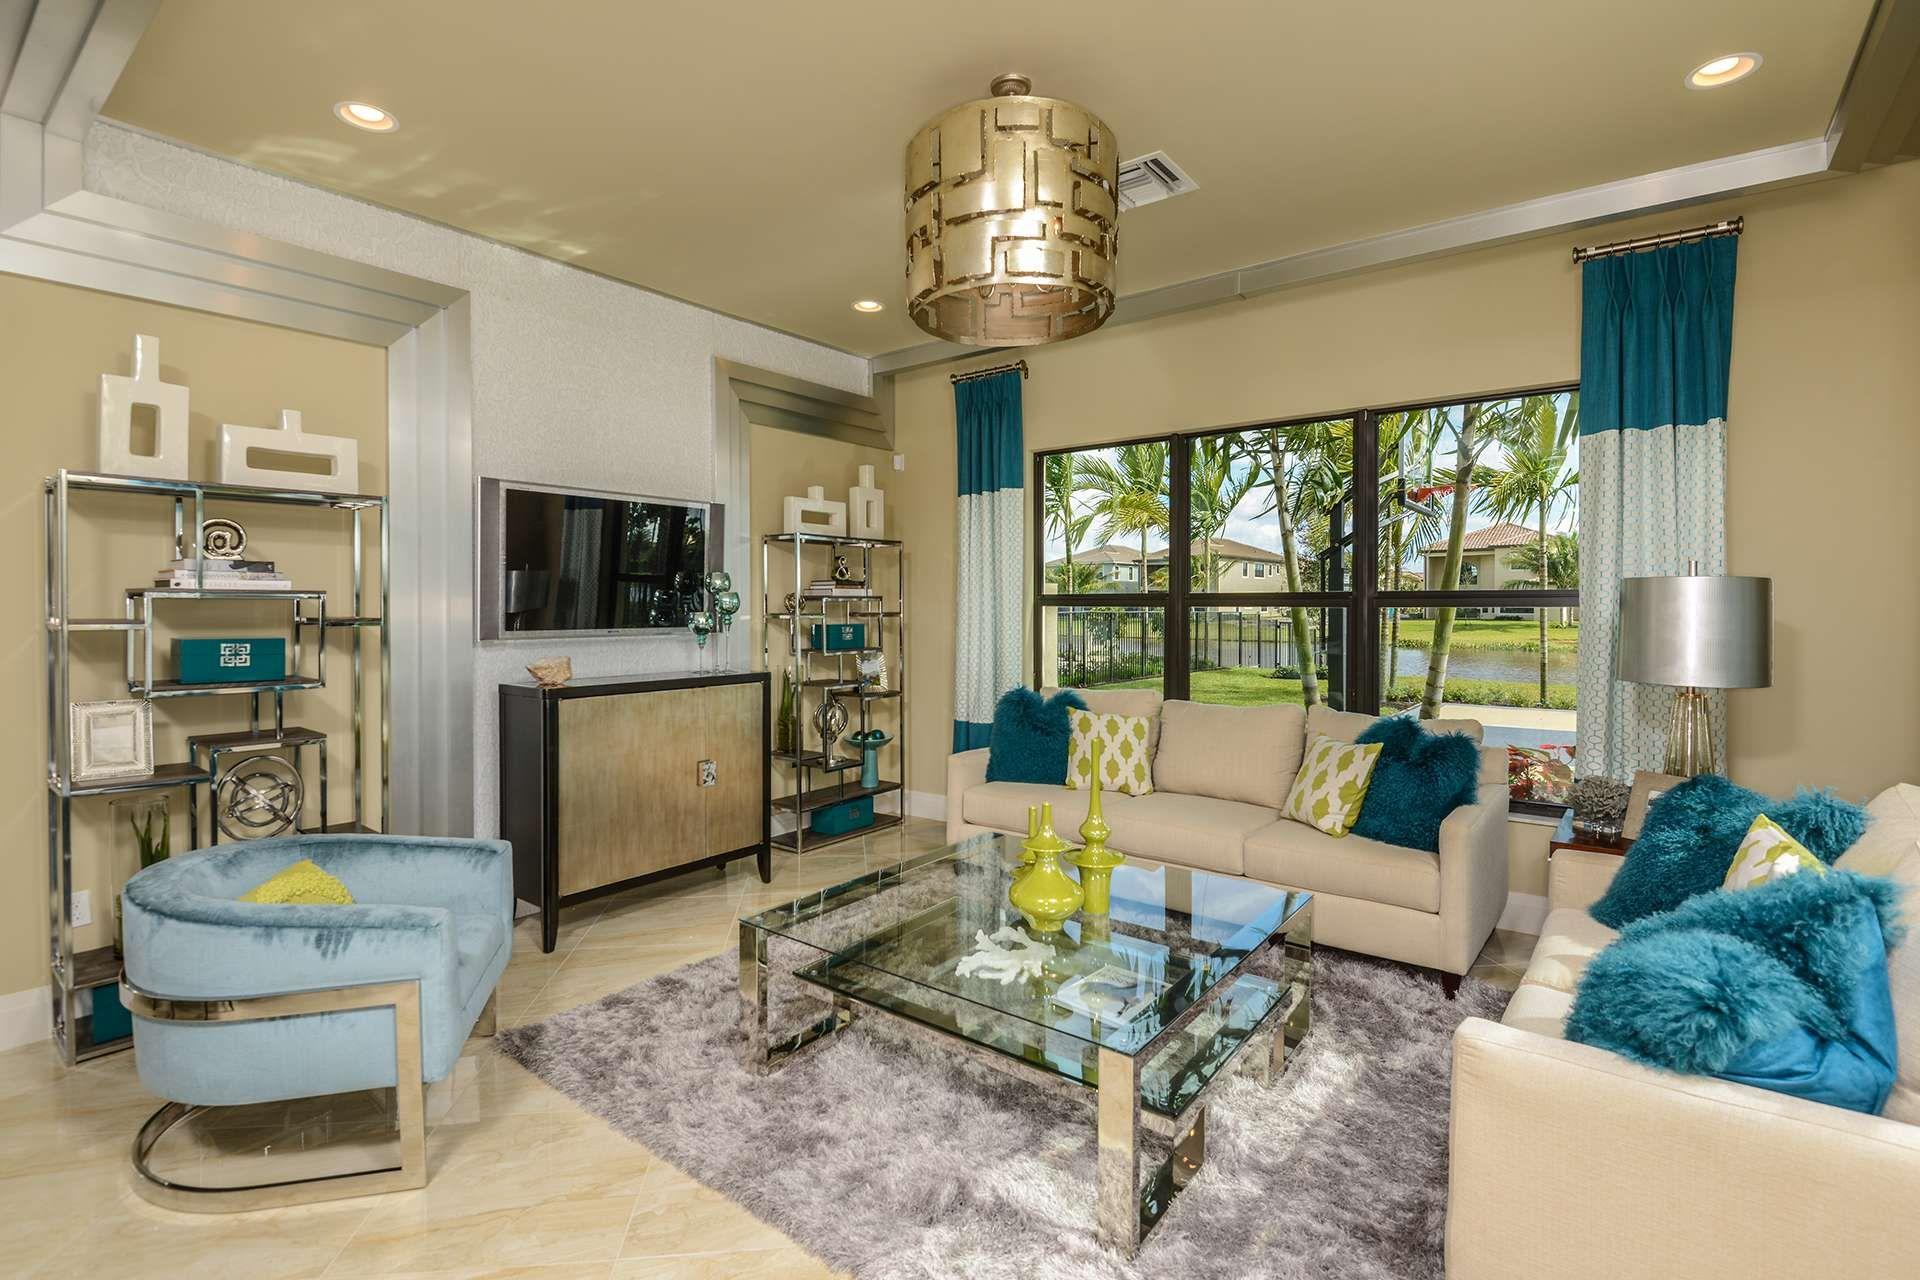 Seven Bridges Somerset Family Room Delray Beach Florida Florida Real Estate Home